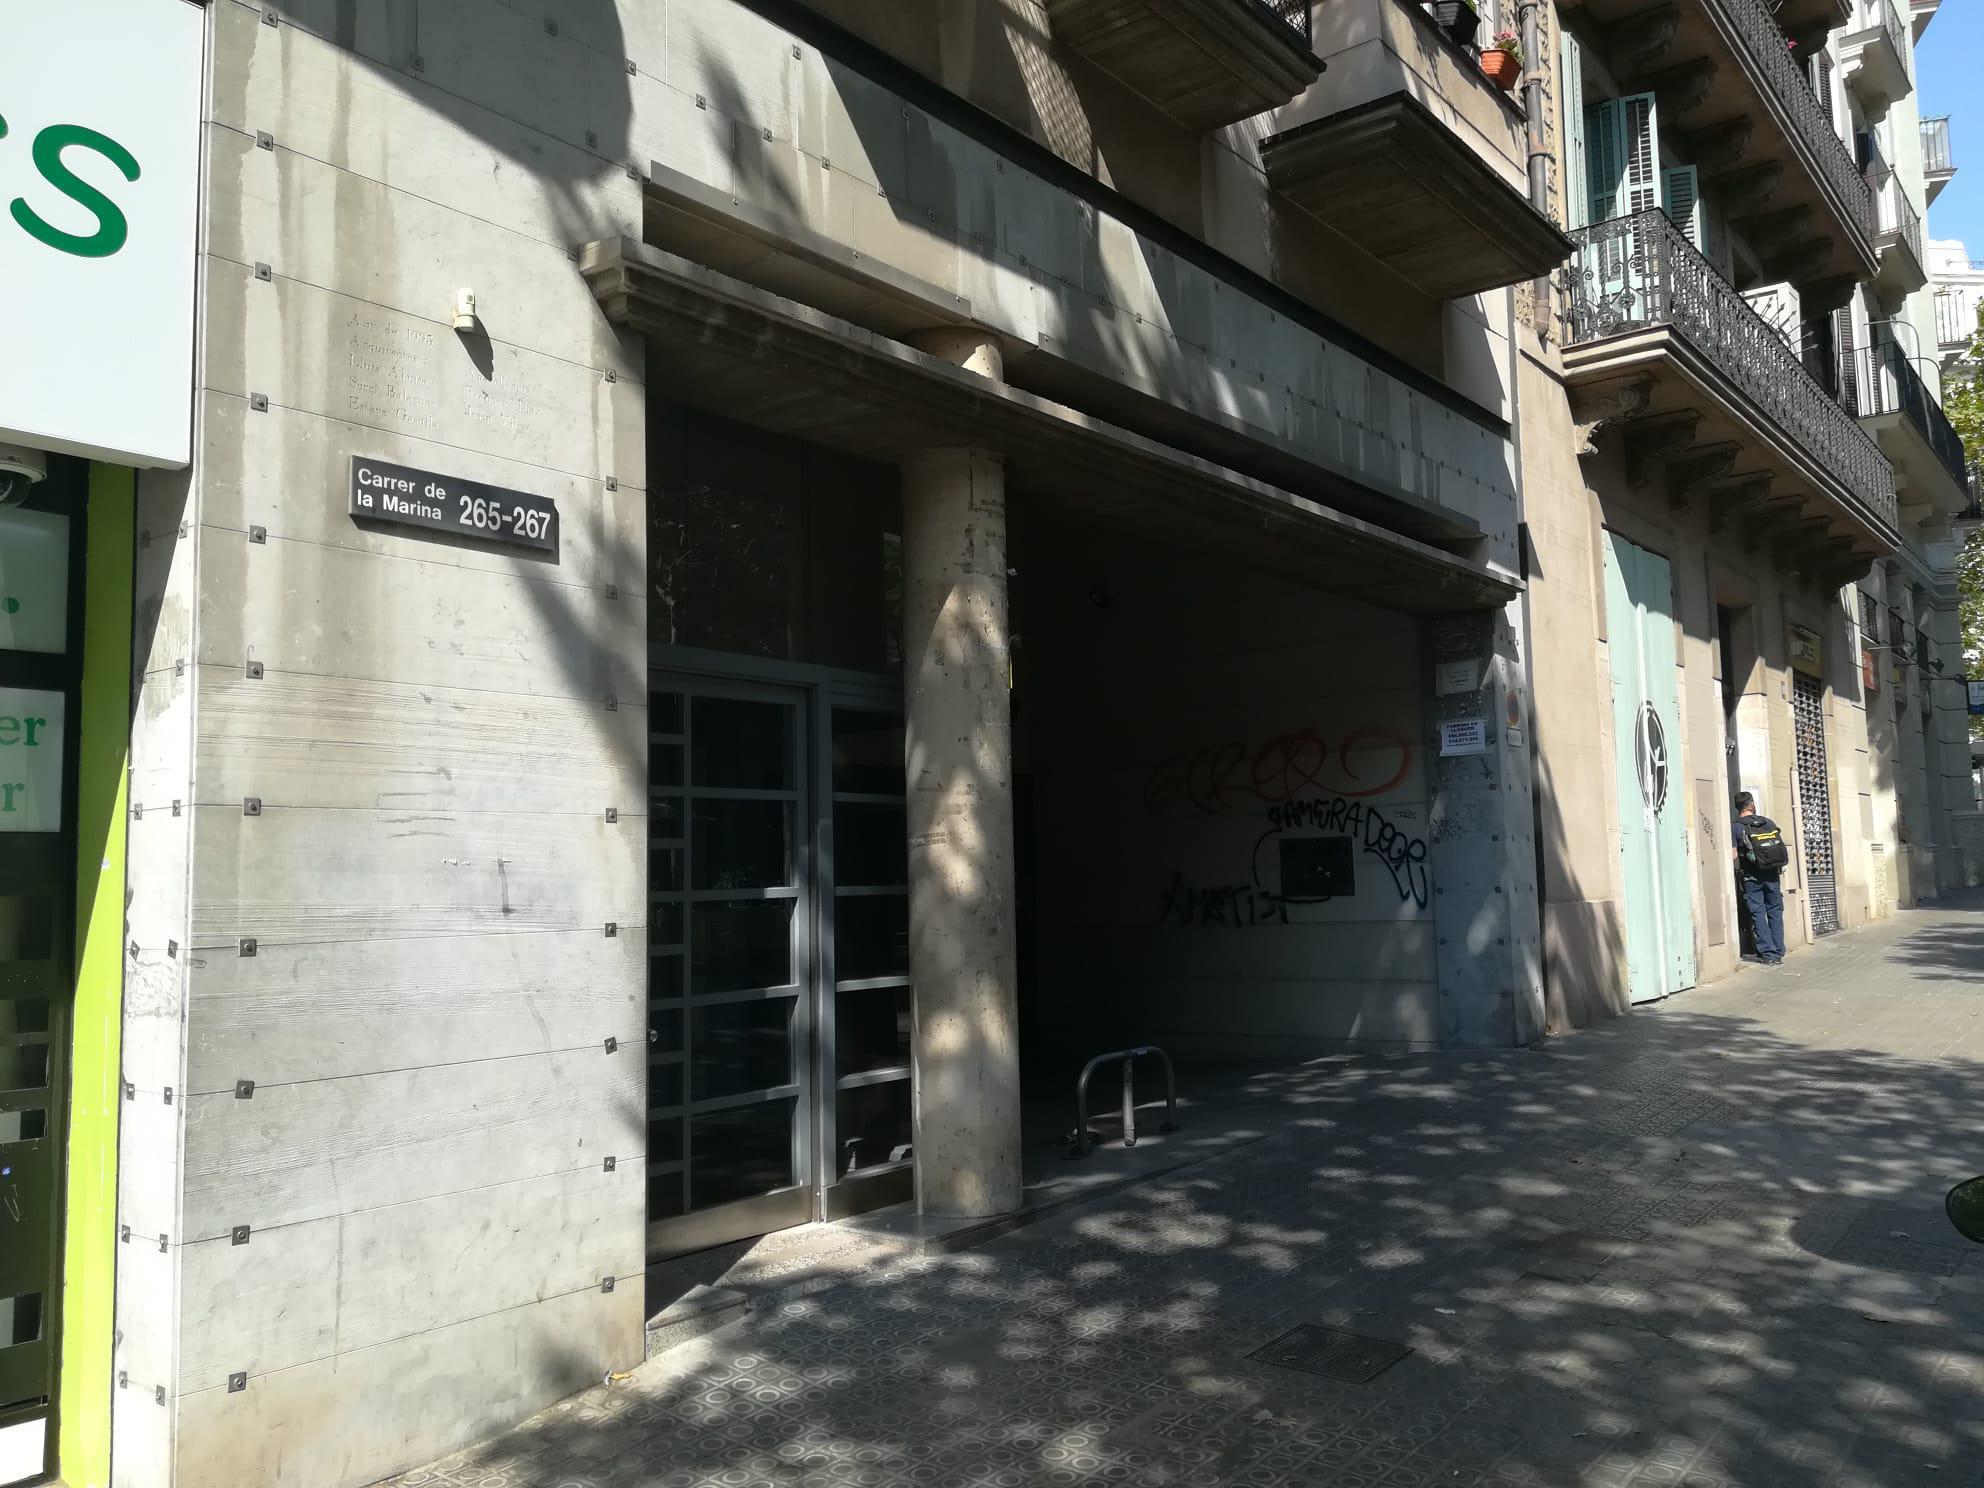 Imagen 4 Parking Coche en venta en Barcelona / Calle Marina entre Rossellon y Porvenza.